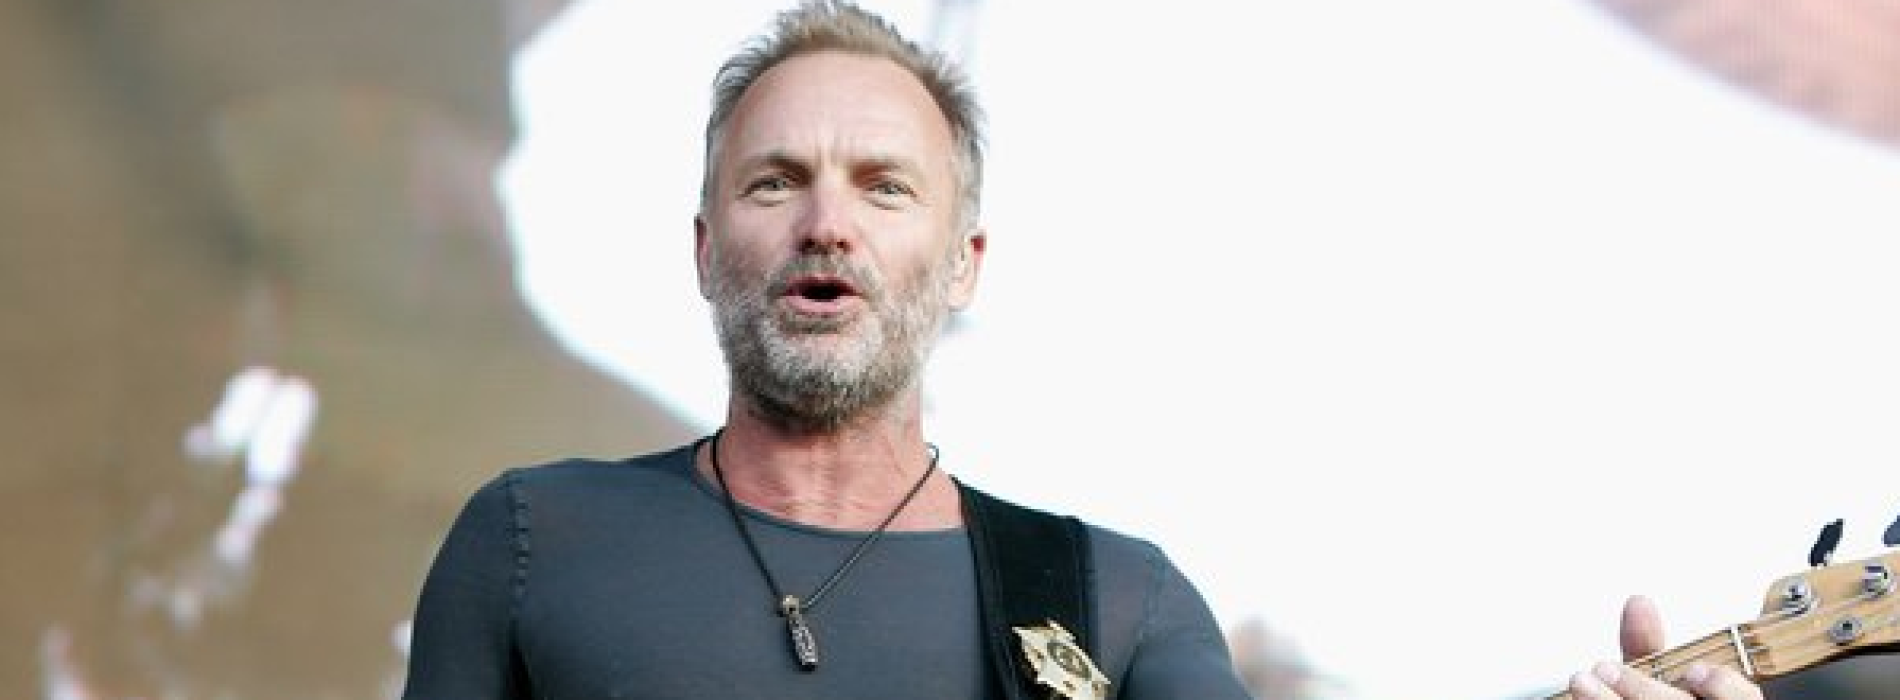 savethedate! Sting sarà a Napoli il 30 luglio all'Arena Flegrea